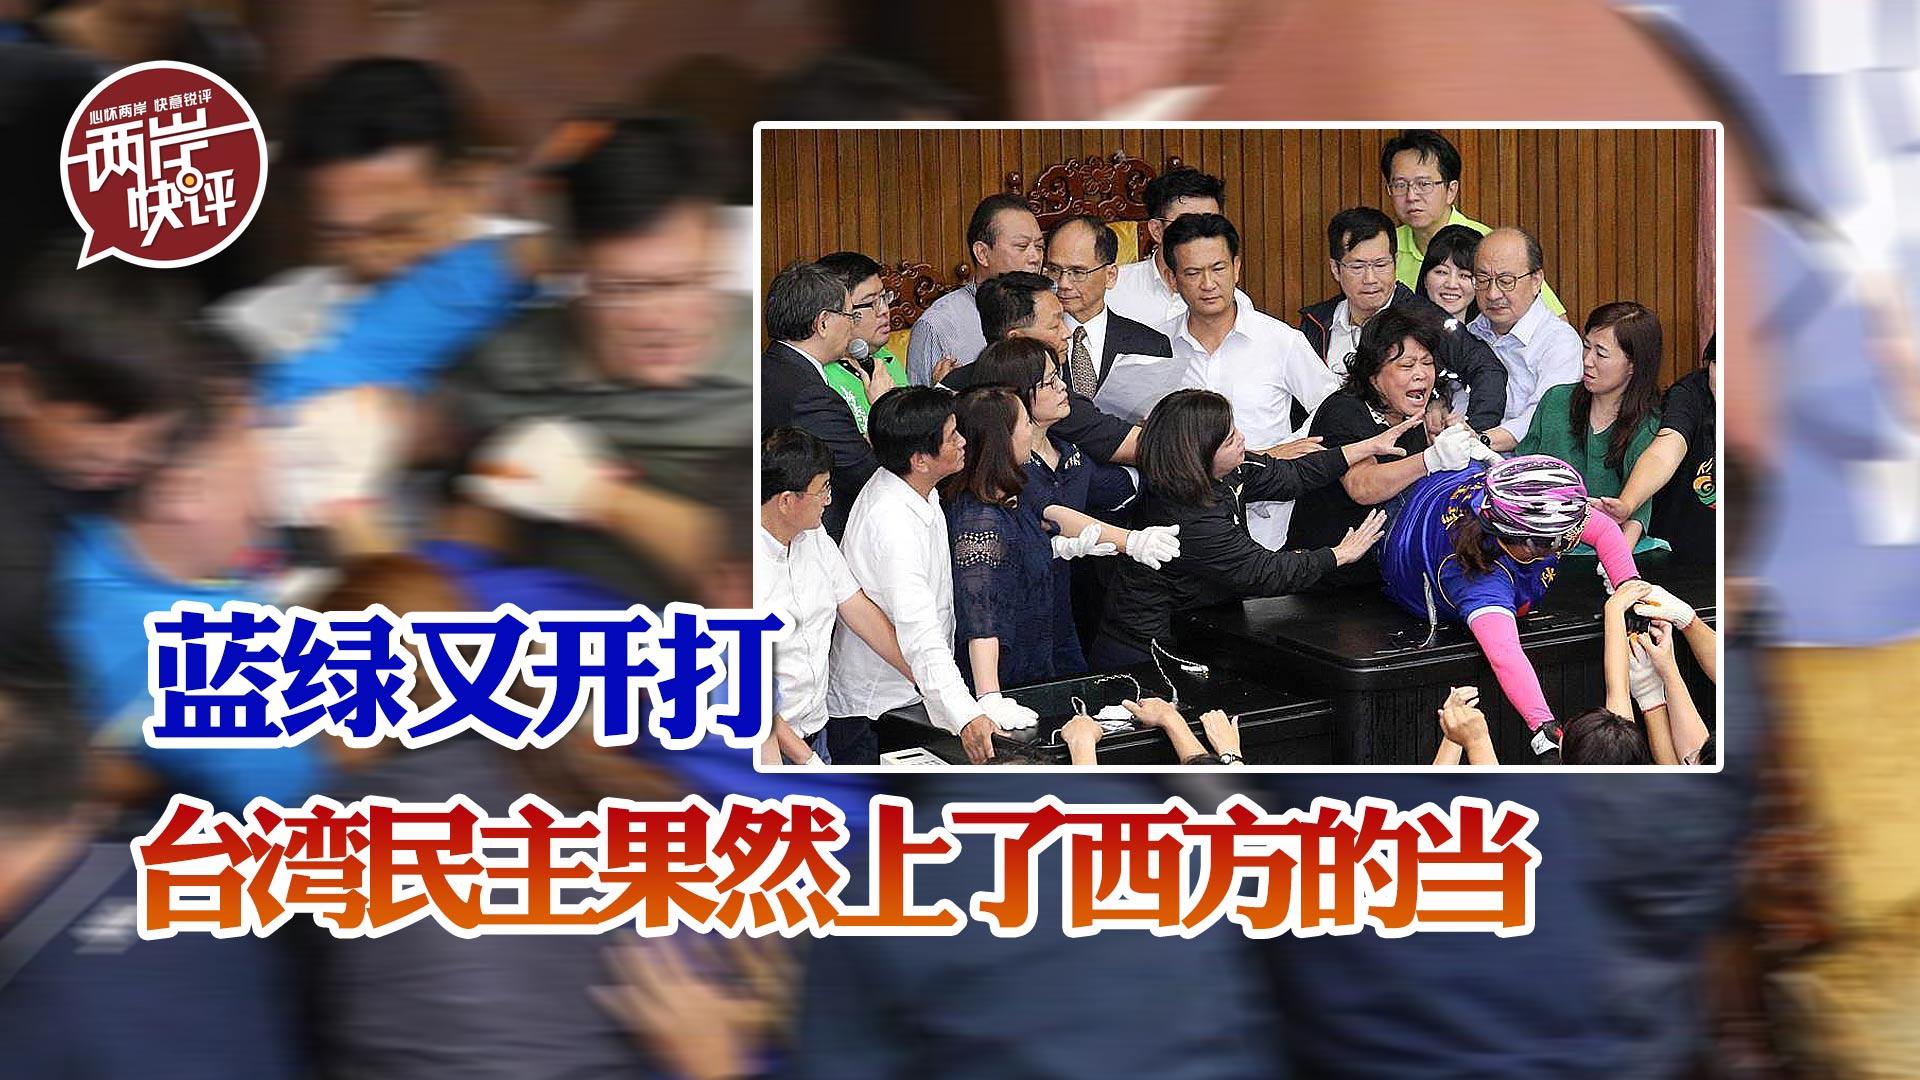 藍綠議事堂內打拳擊,臺灣民主果然上了西方的當圖片